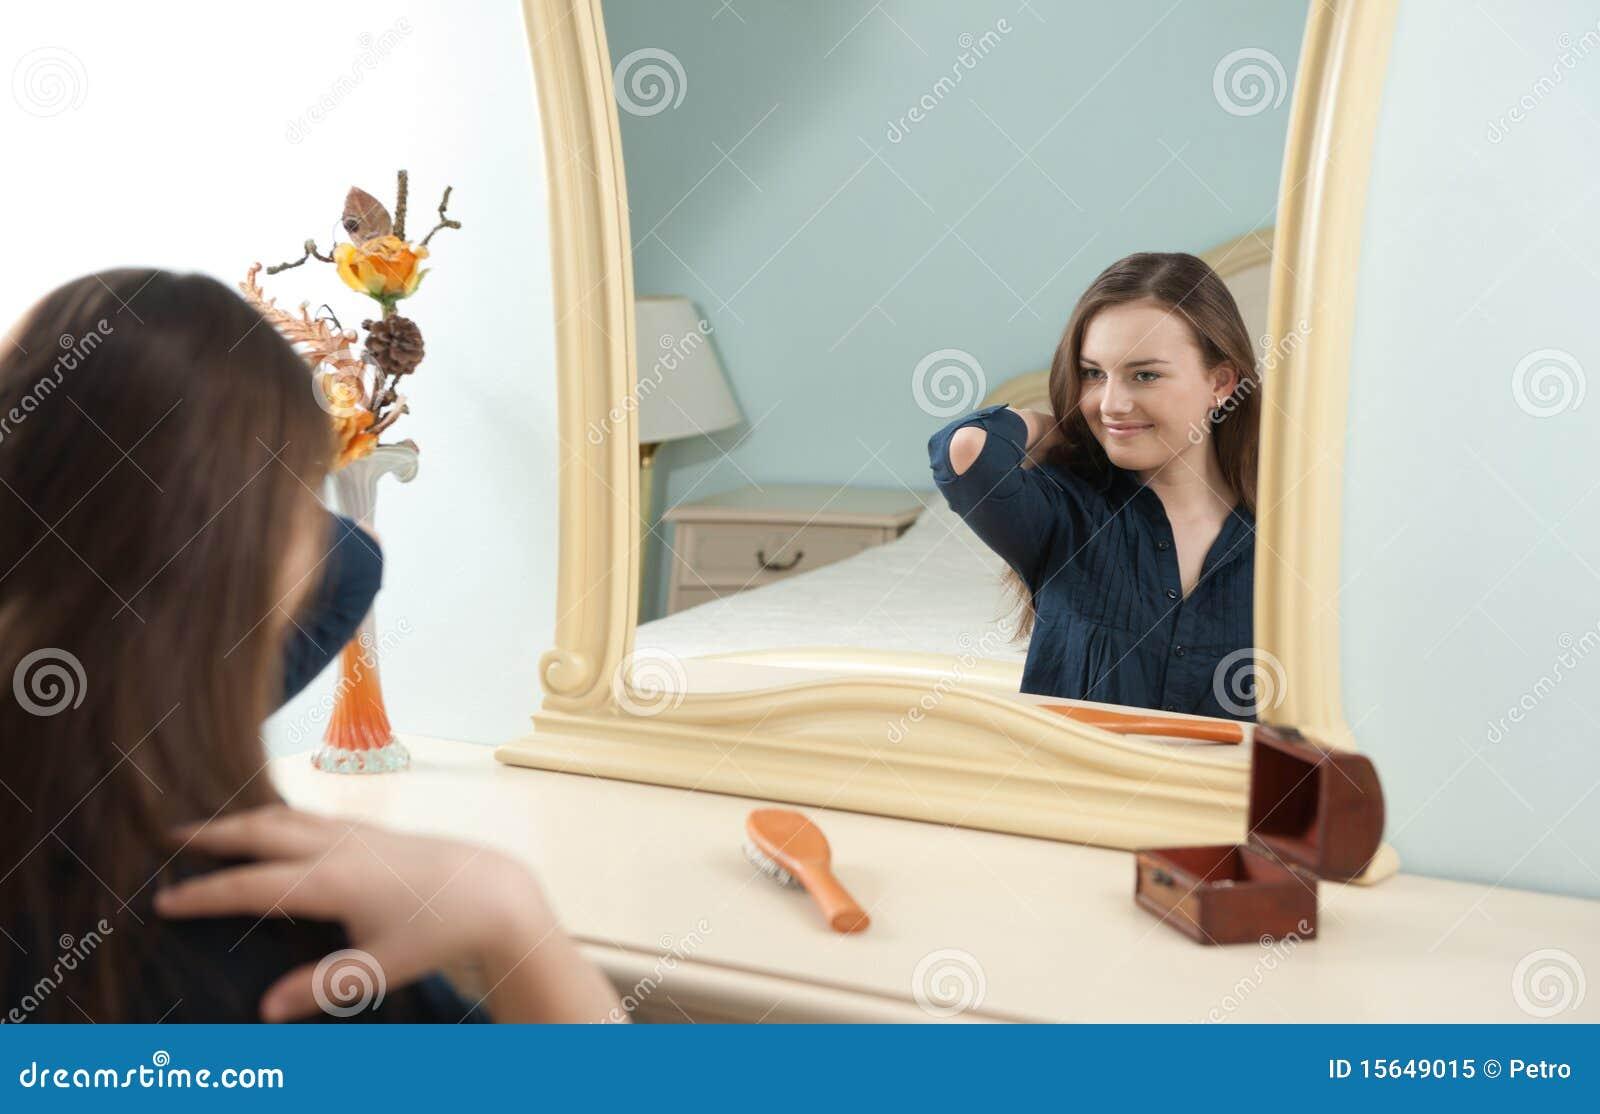 Ragazza davanti allo specchio immagine stock immagine - Ragazza davanti allo specchio ...